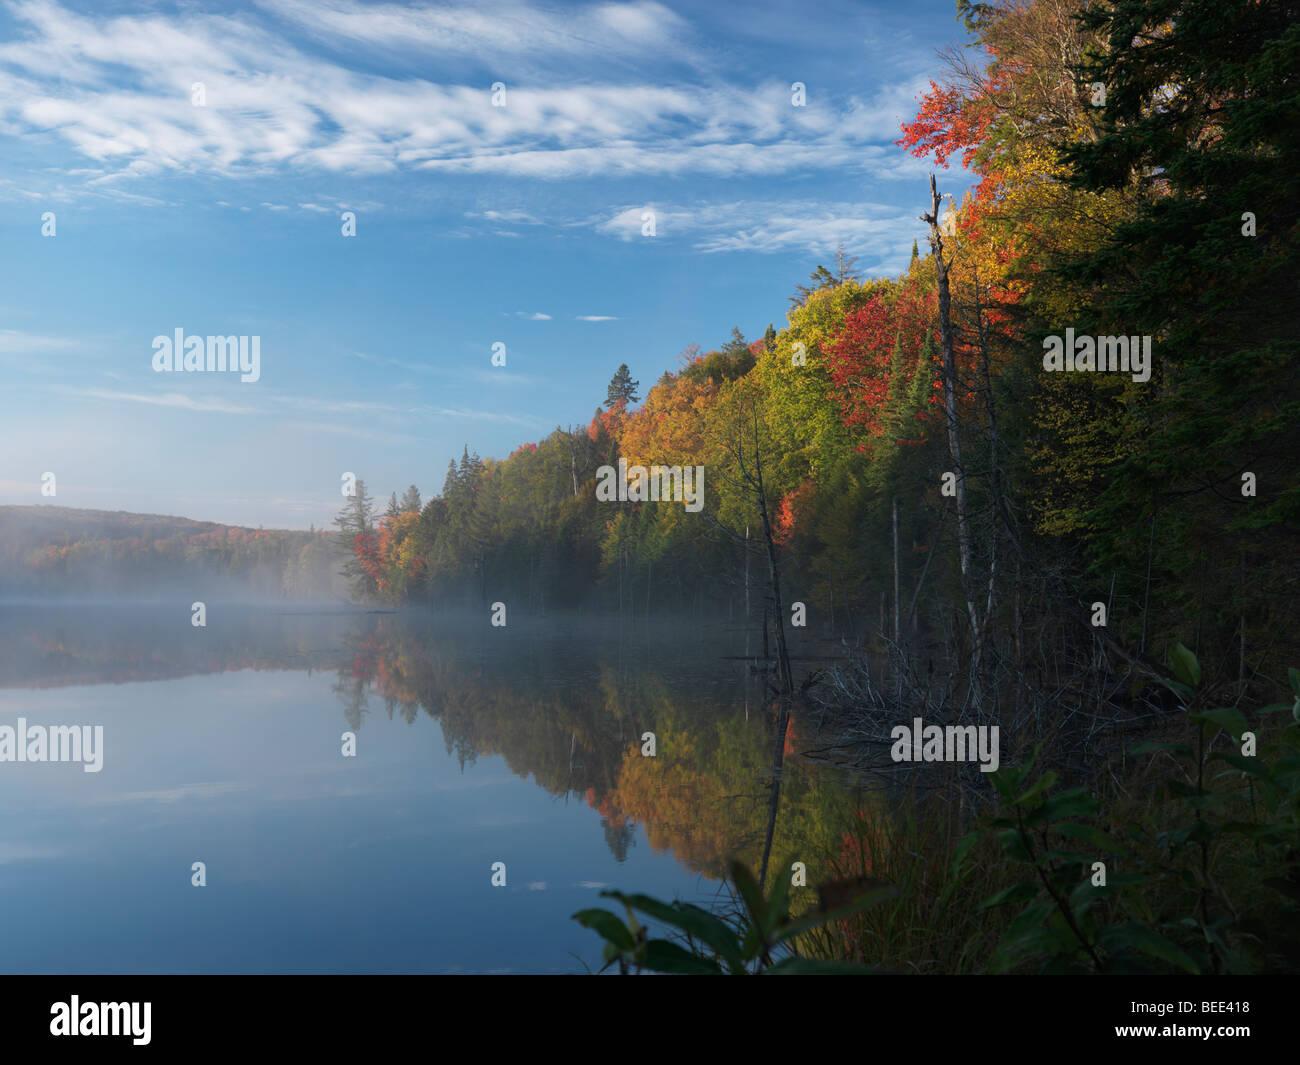 Humo niebla sobre el lago al amanecer. Hermoso paisaje de la naturaleza caída Imagen De Stock